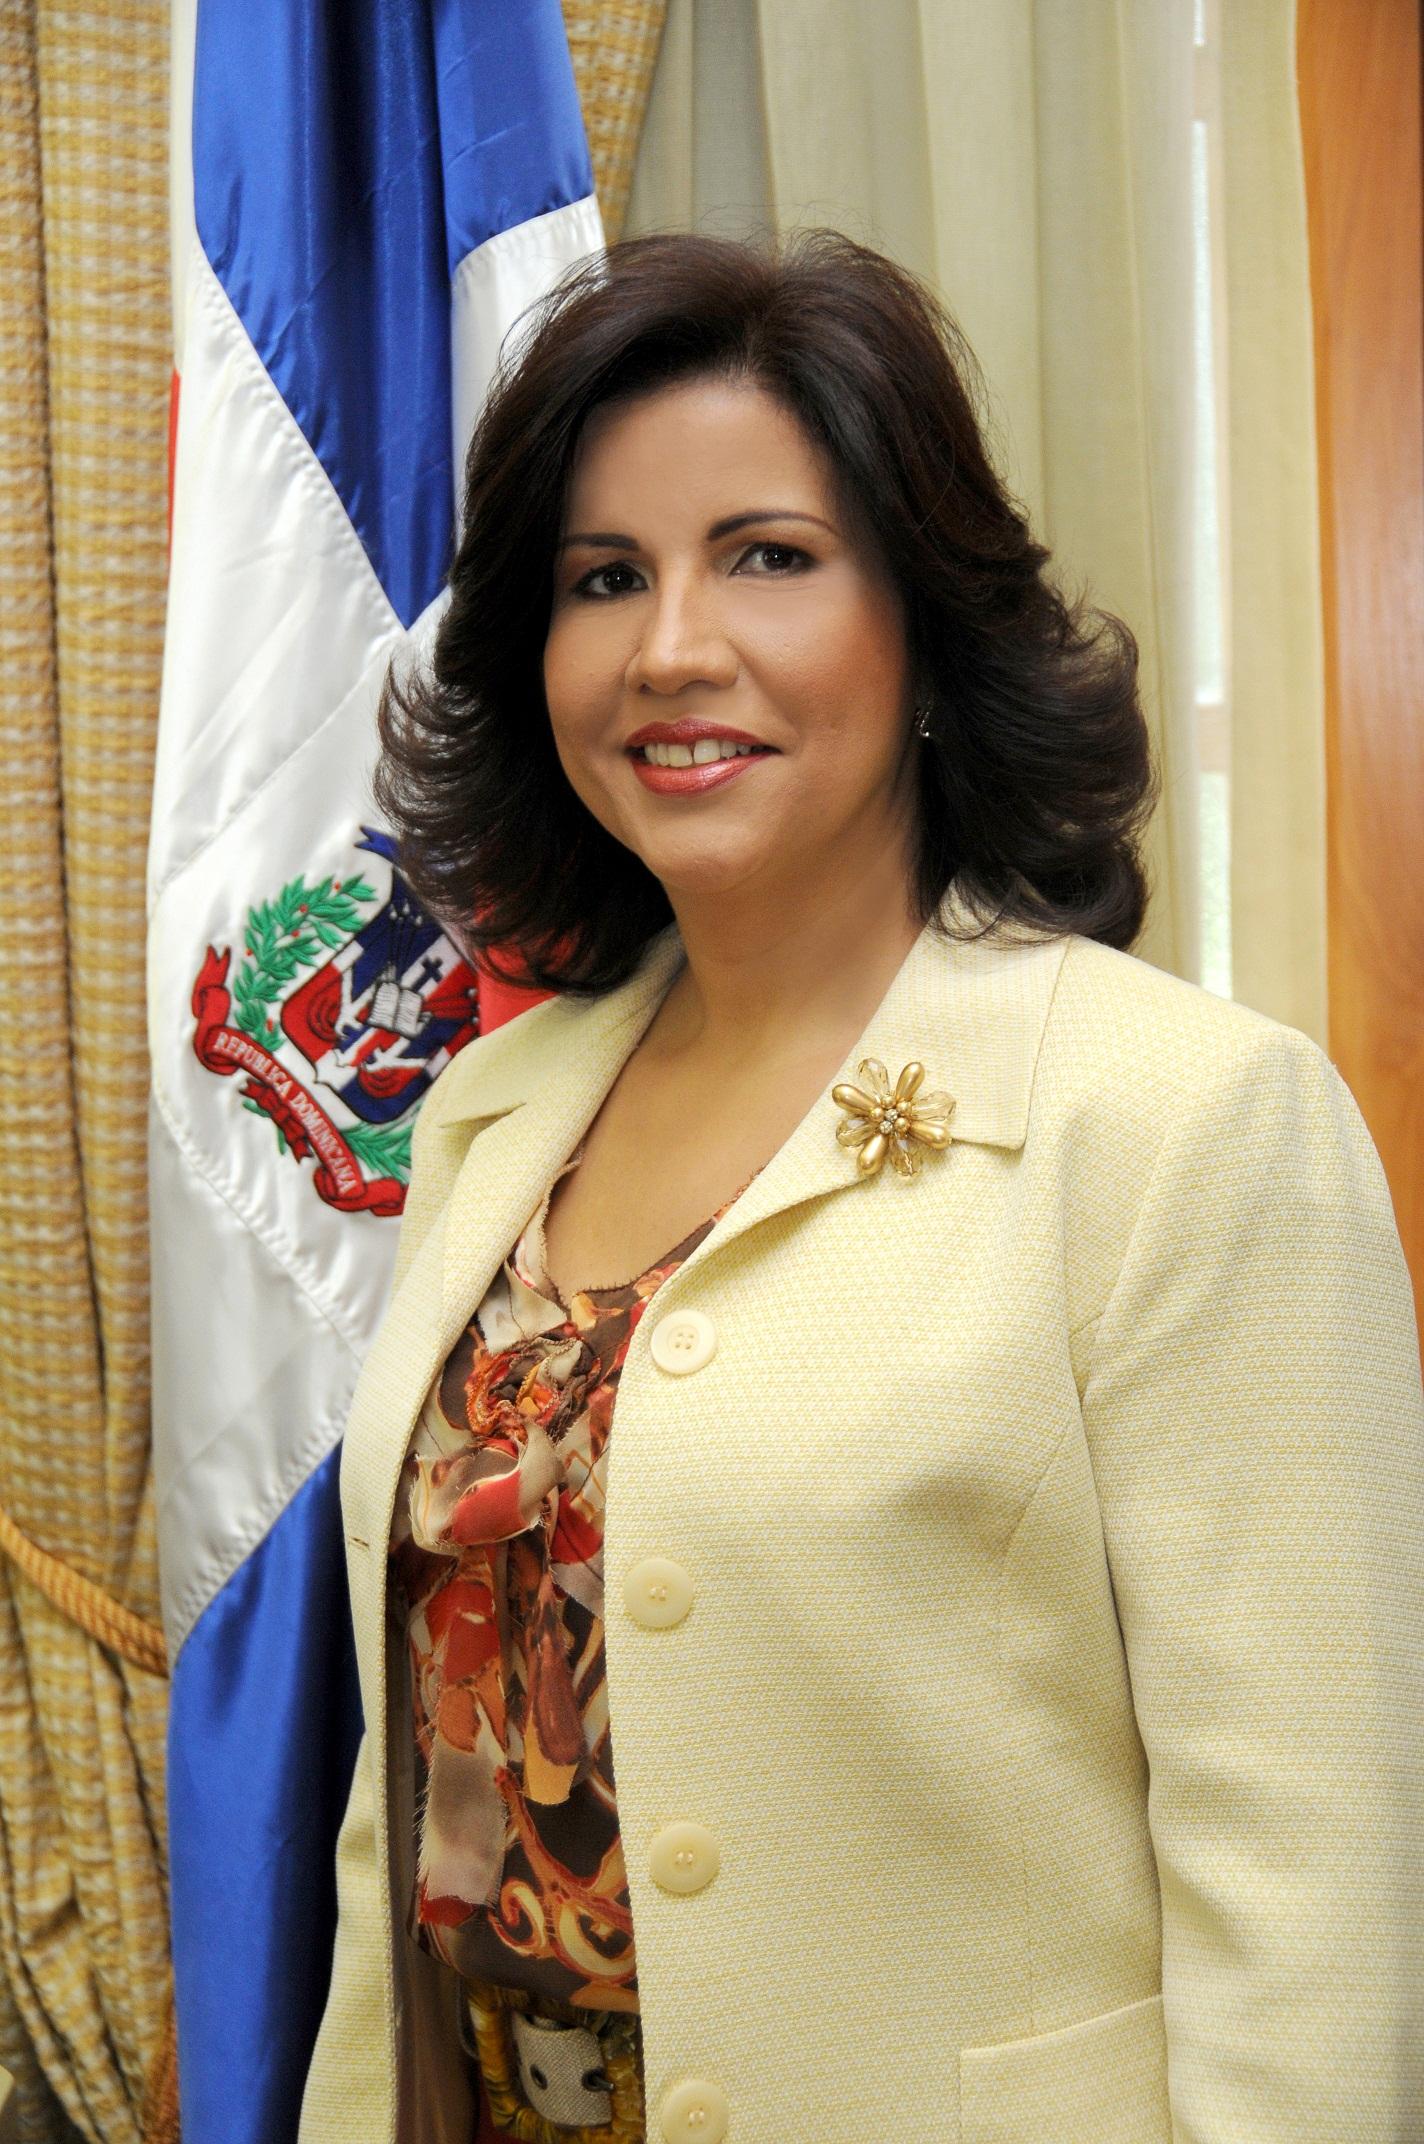 Vice-presidenta dice abusadores de menores deben estar presos